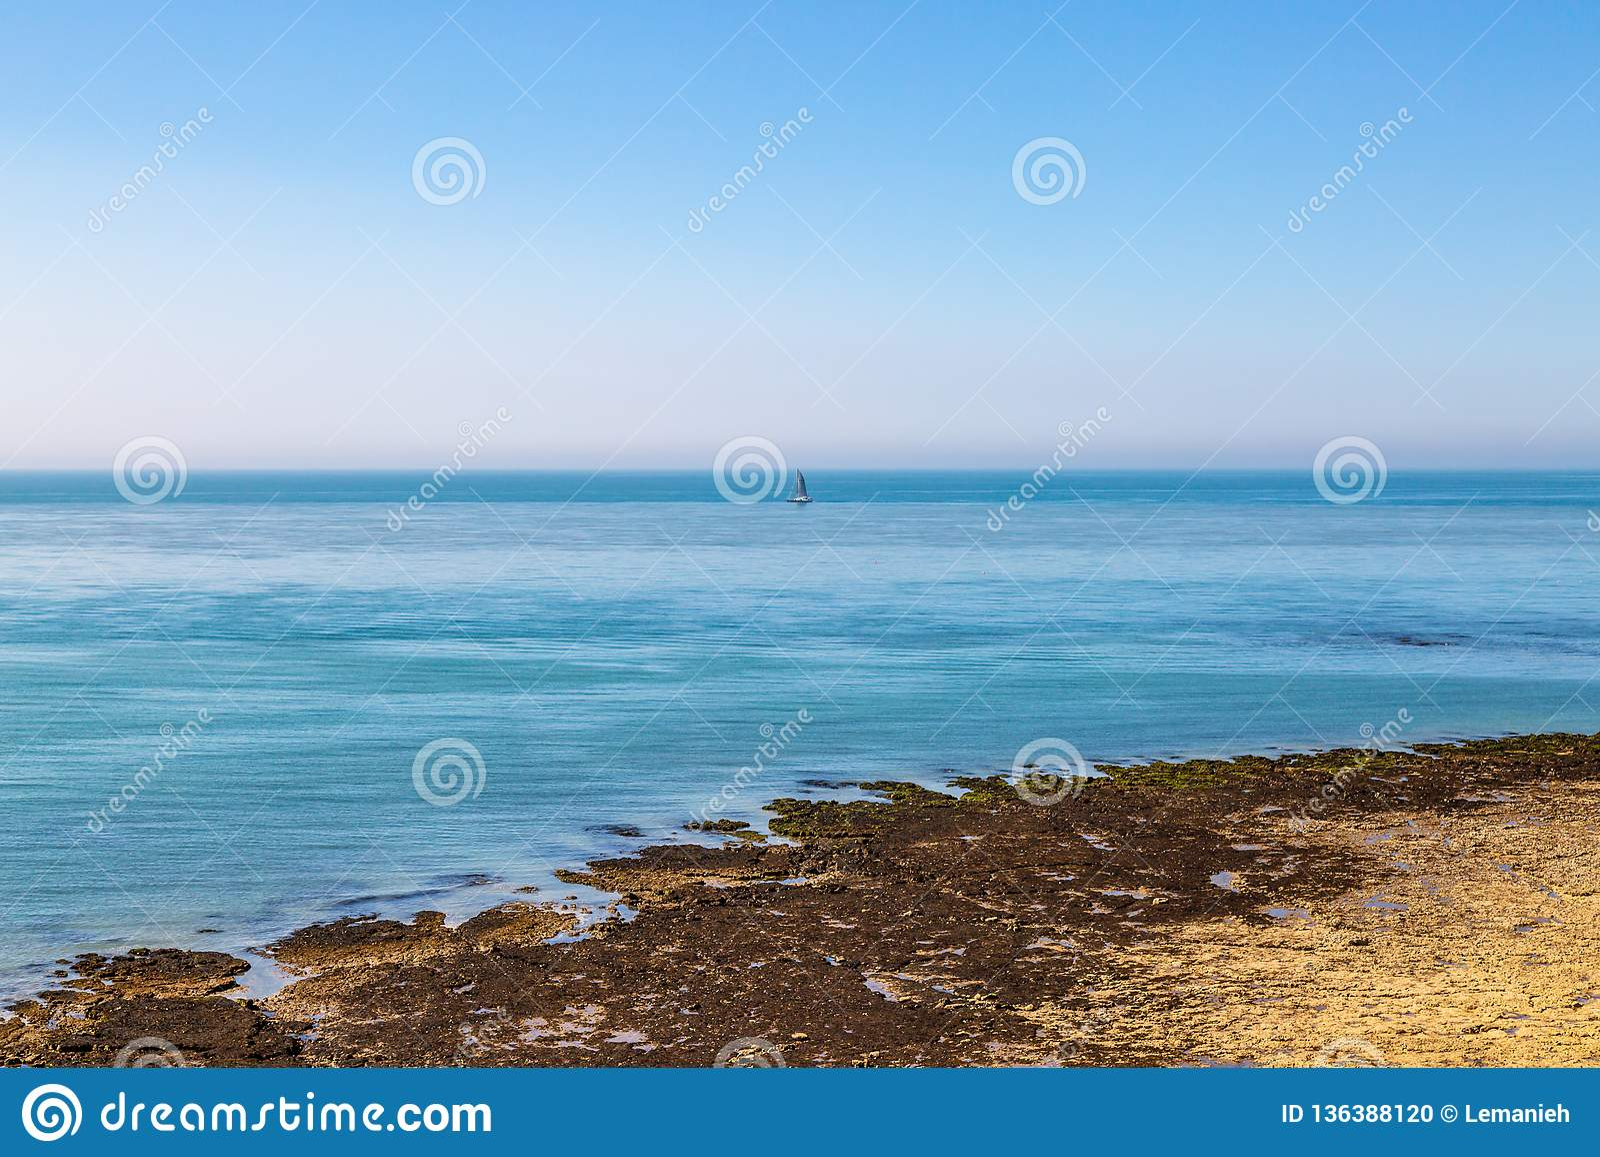 Un bateau à voile sur la mer calme outre de la côte du Sussex